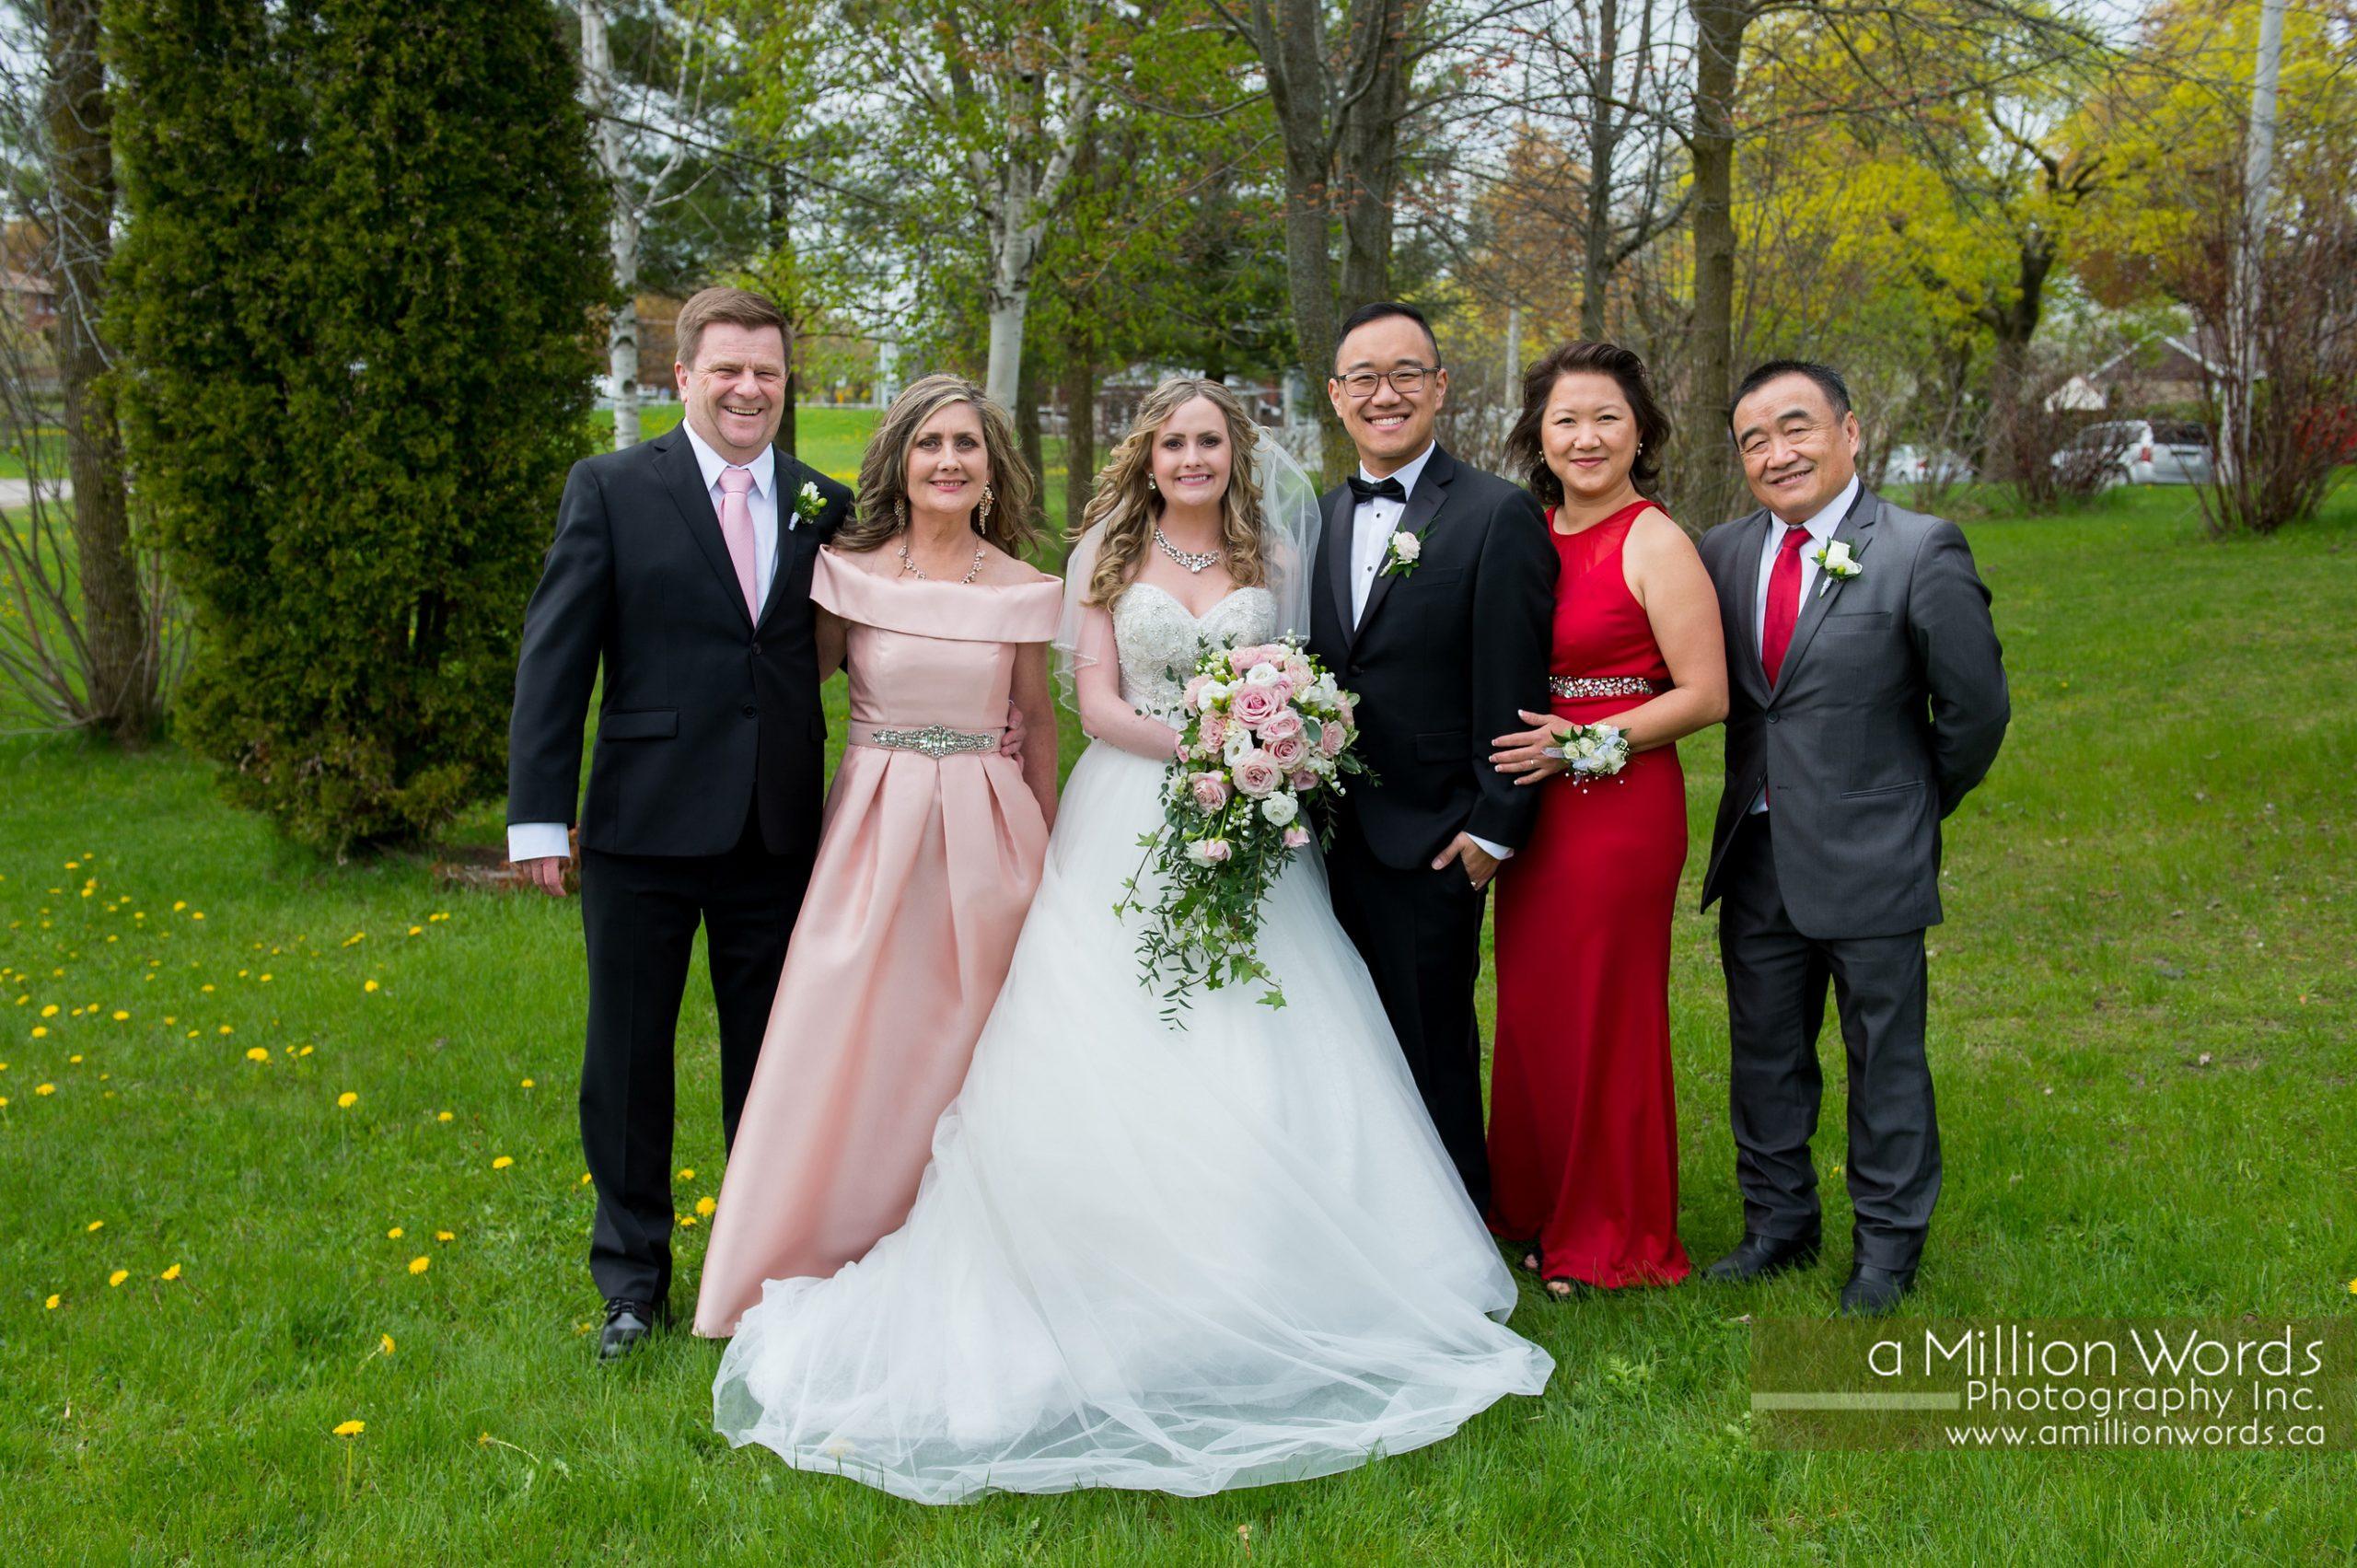 cambridge_wedding_photography33